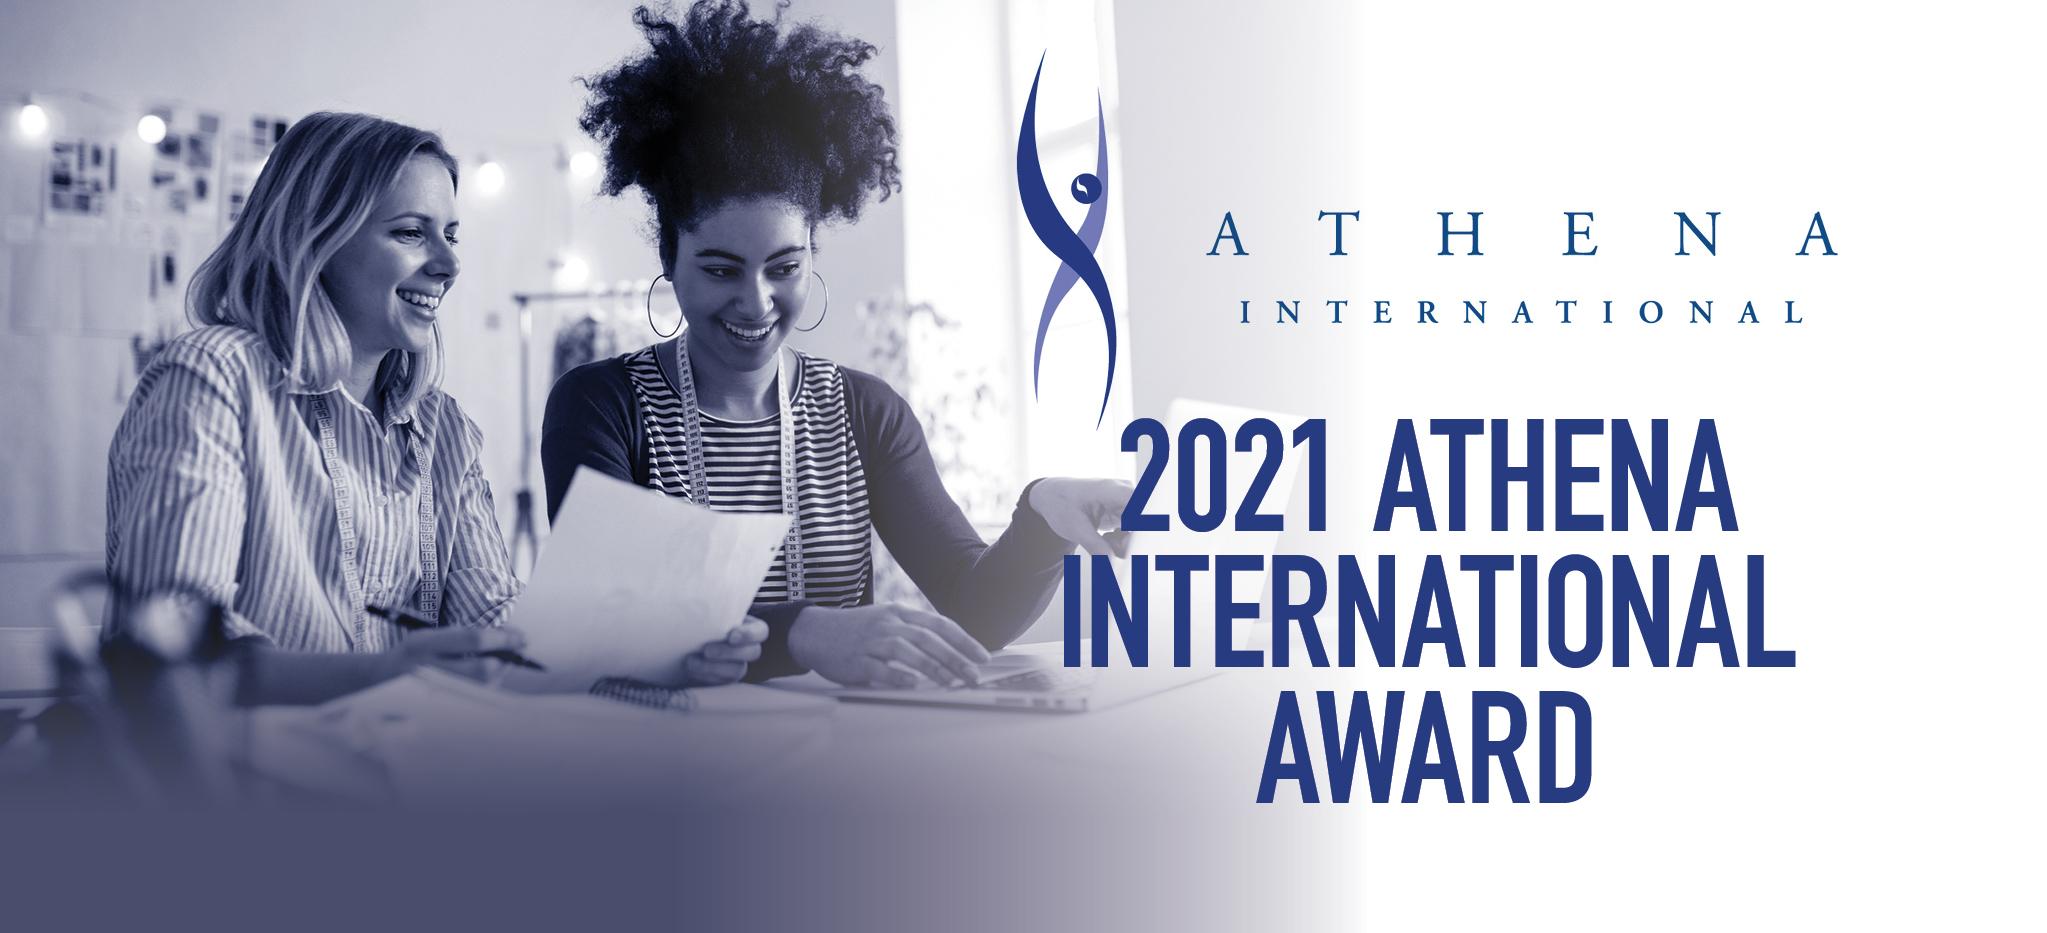 2021 ATHENA Award